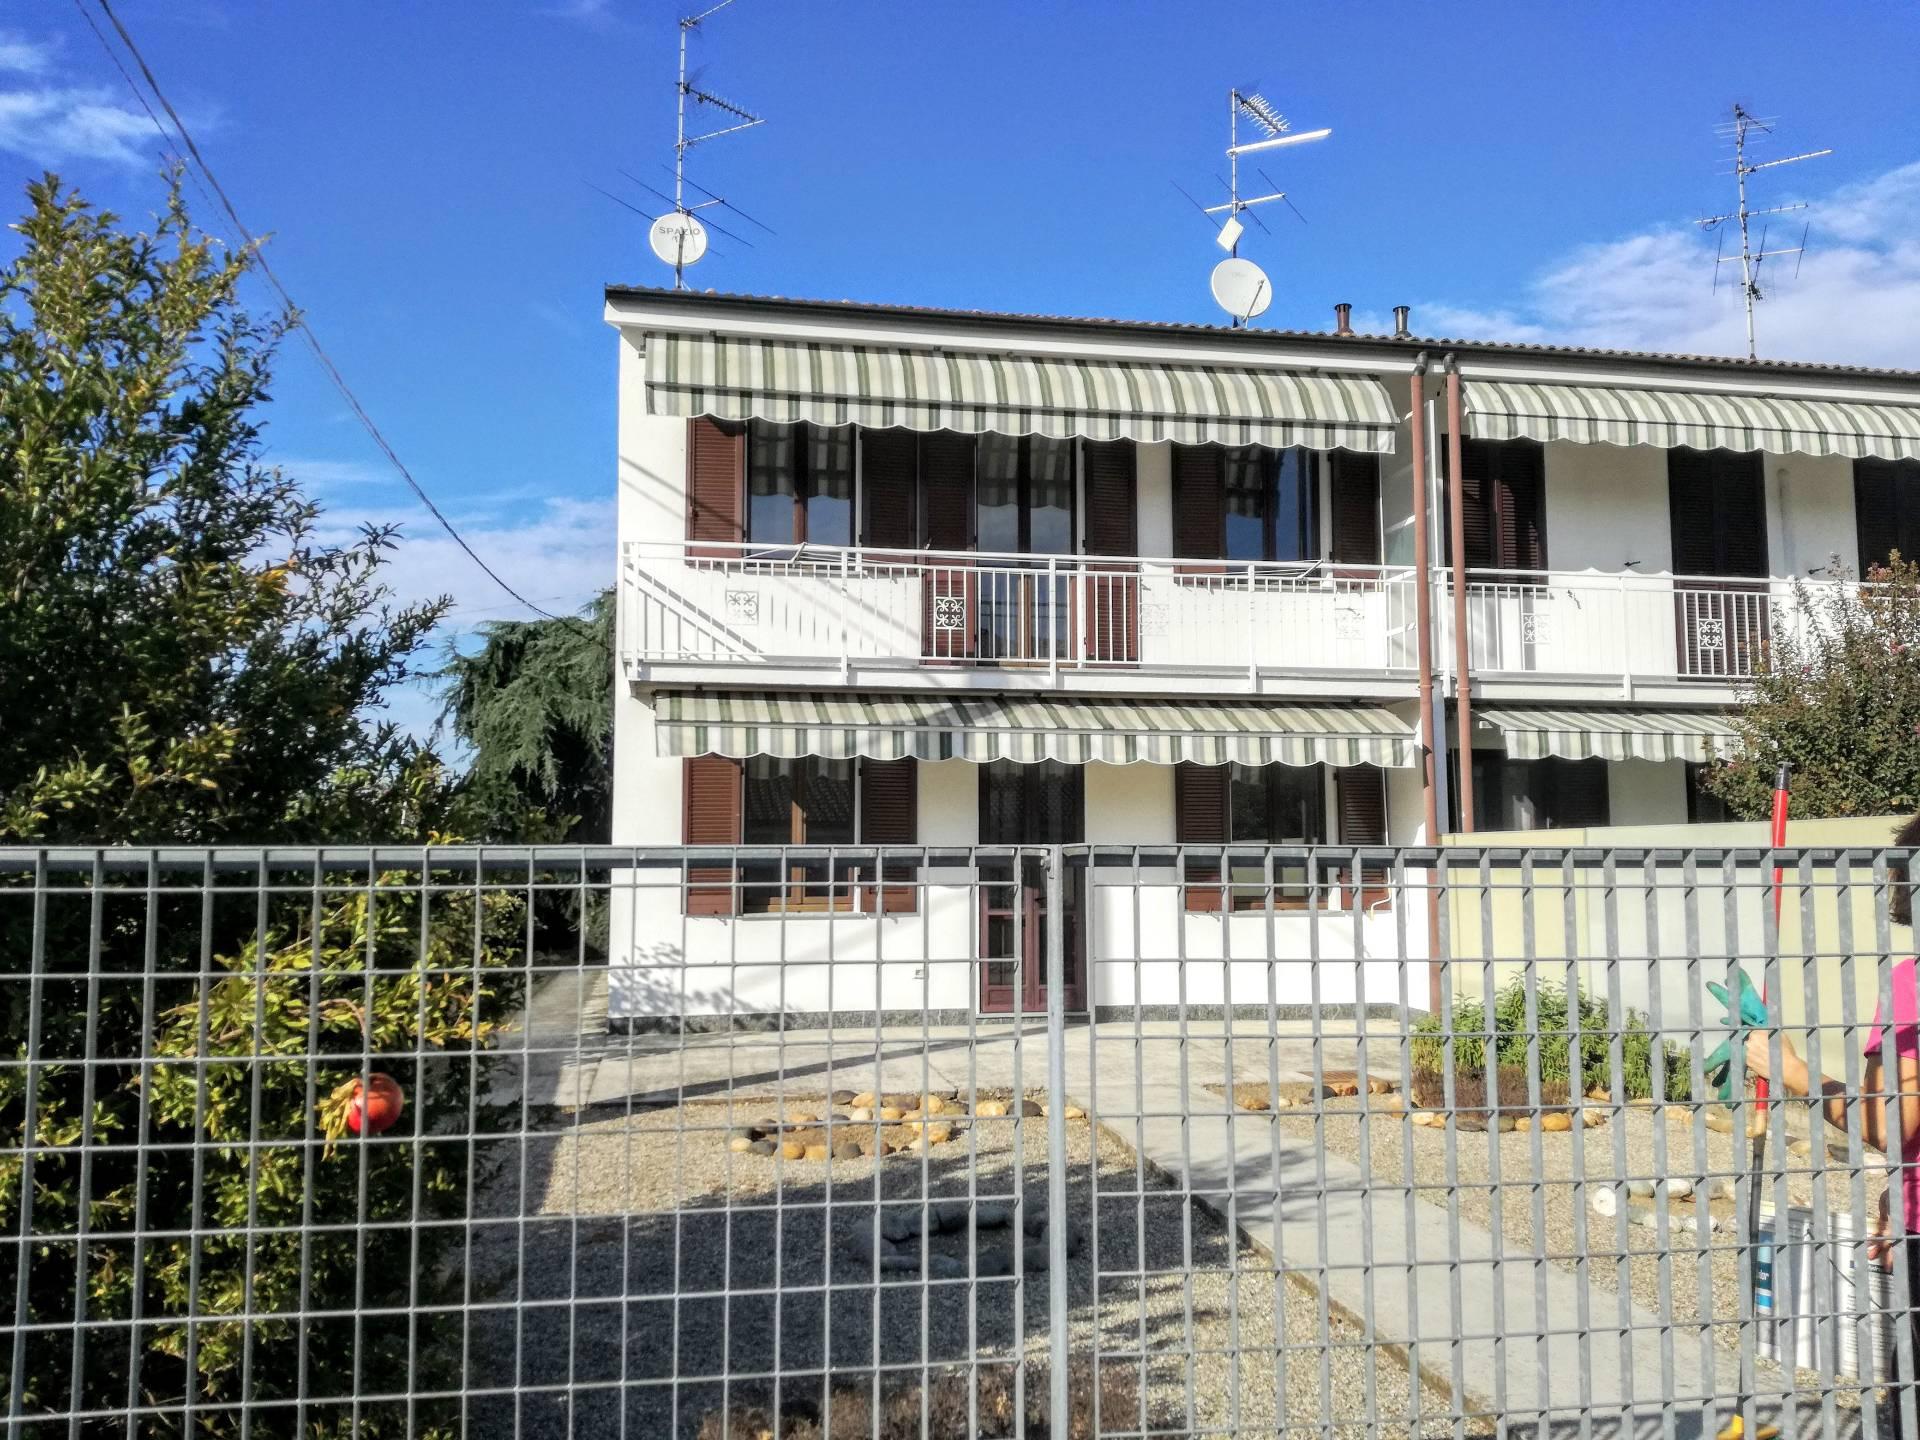 Soluzione Indipendente in affitto a Ticineto, 4 locali, prezzo € 550 | CambioCasa.it